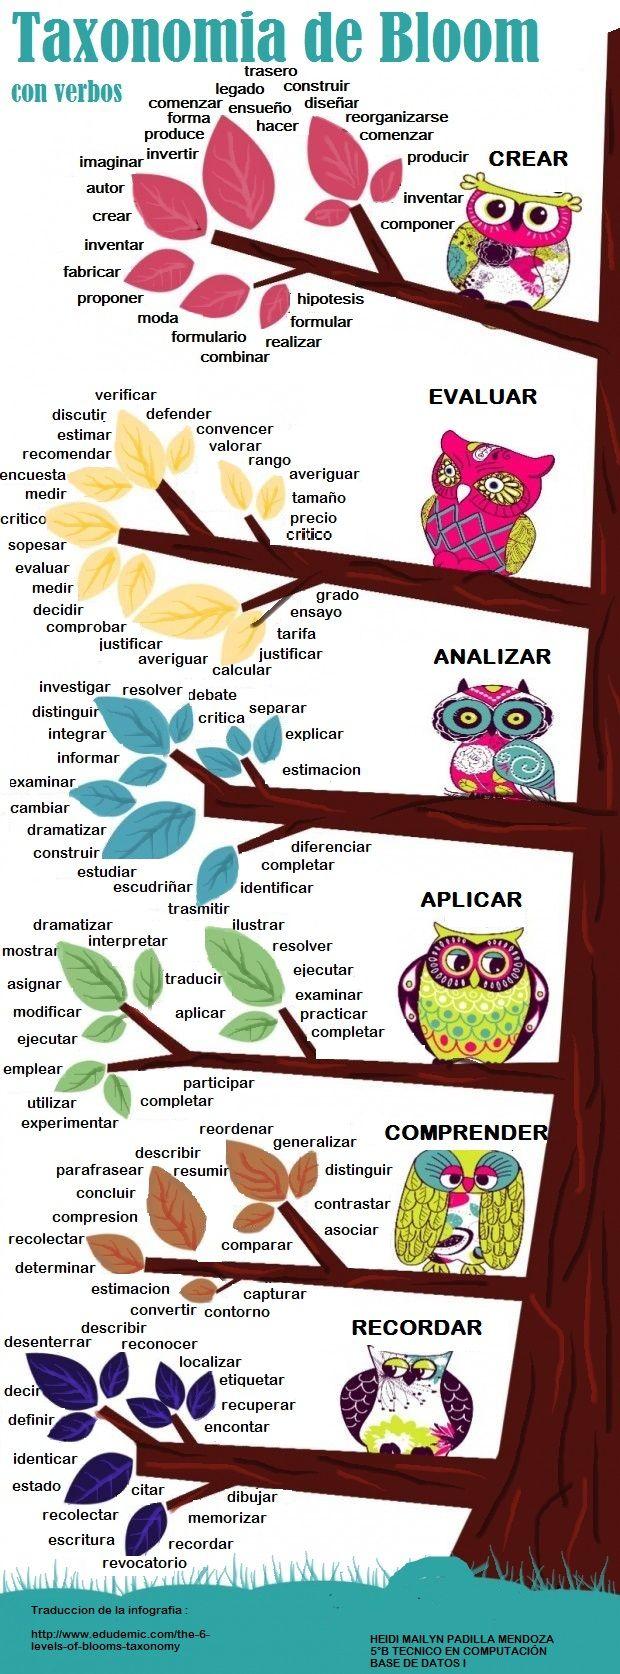 taxonomias-de-bloom-verbos-infografia.jpg 620×1,674 píxeles                                                                                                                                                      Más                                                                                                                                                                                 Más